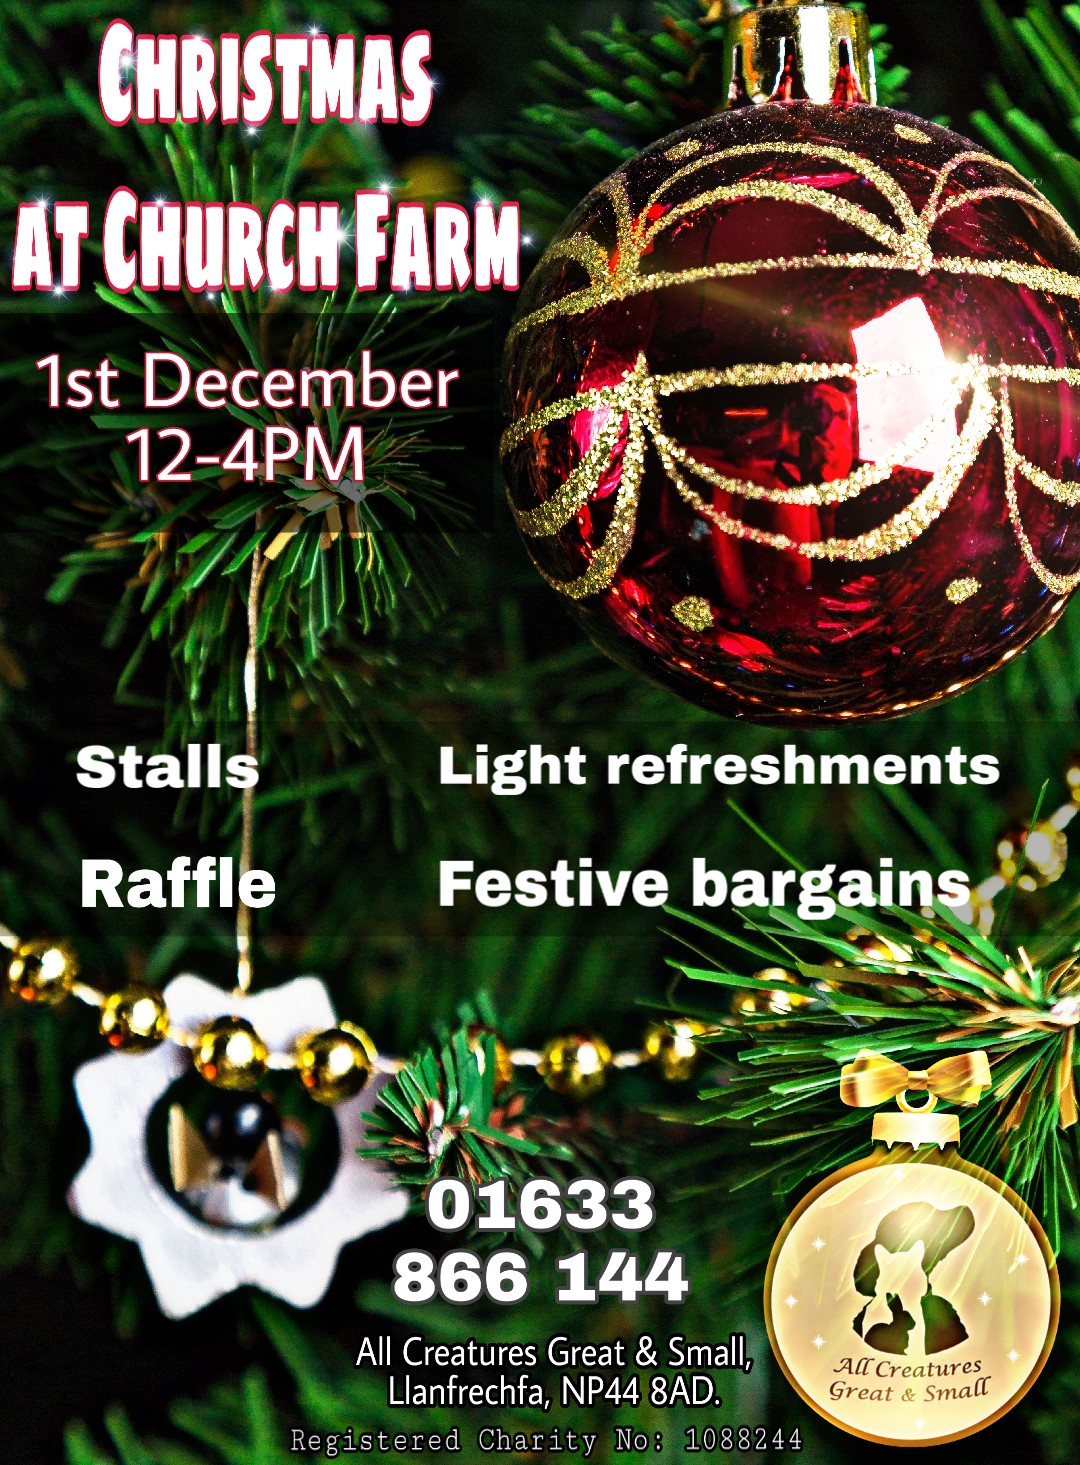 Christmas at Church Farm on 1 December at 12:00